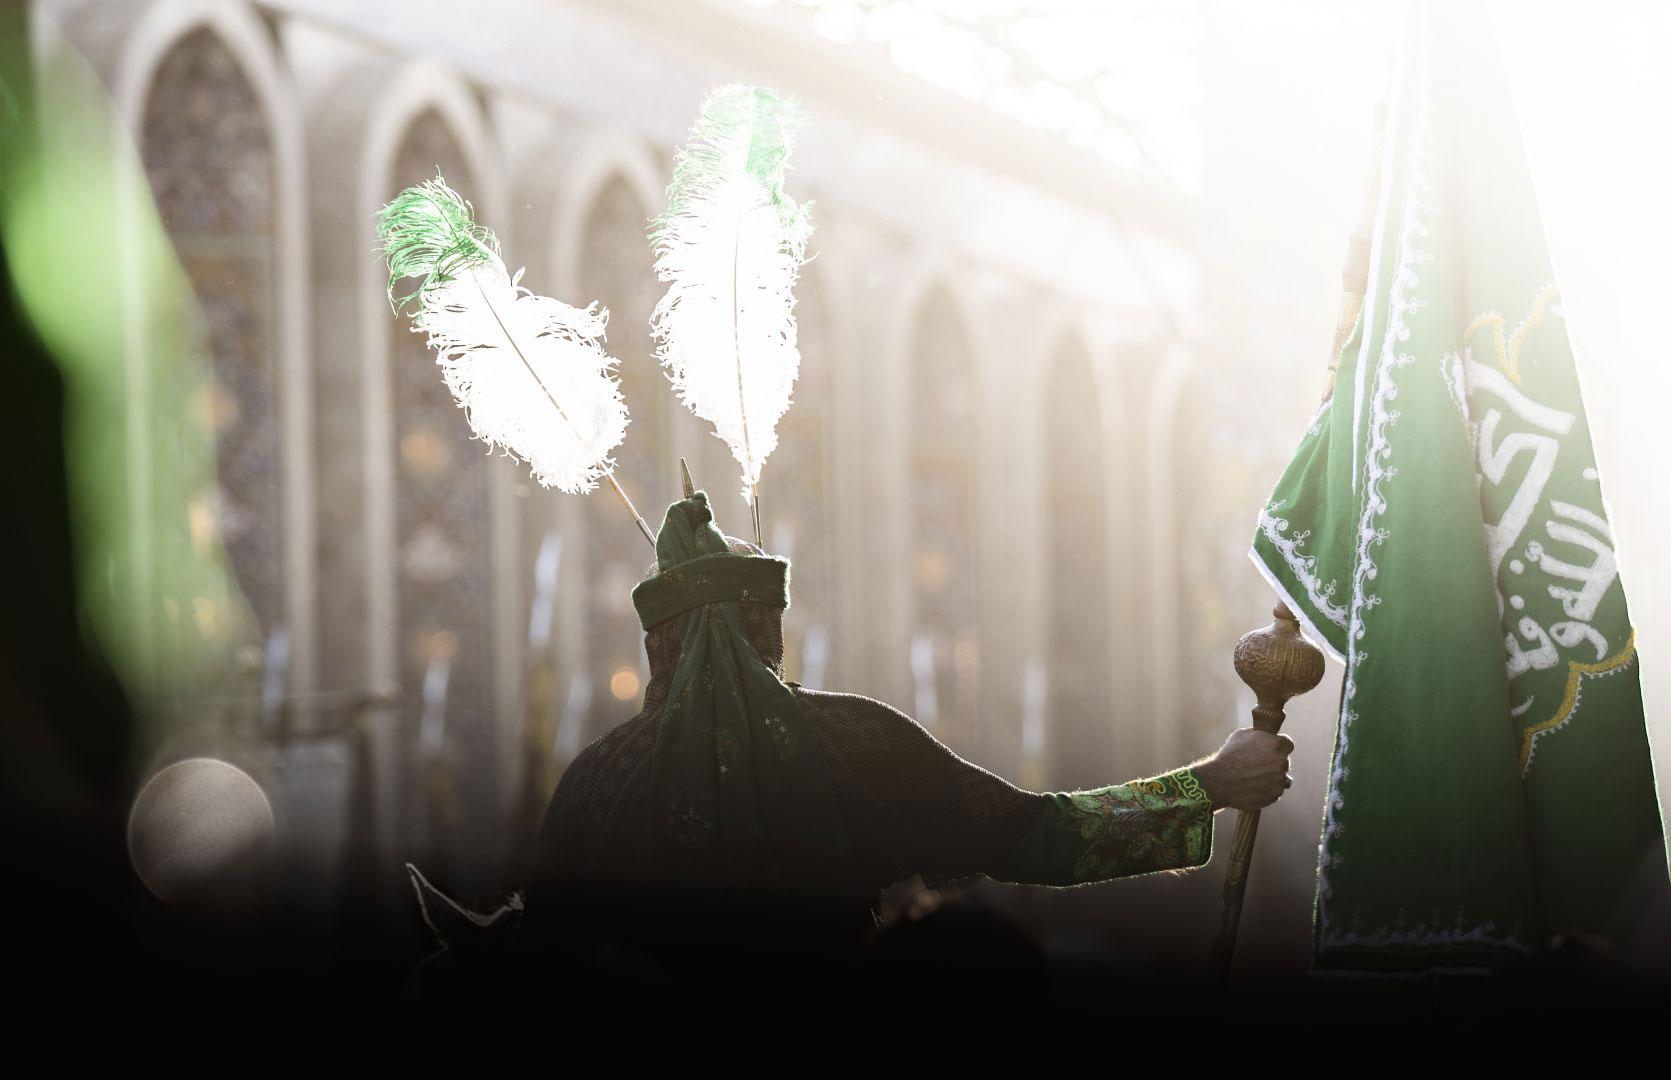 هدف امام حسین از قیام؛ اصلاح در دین یا اصلاح در امت؟